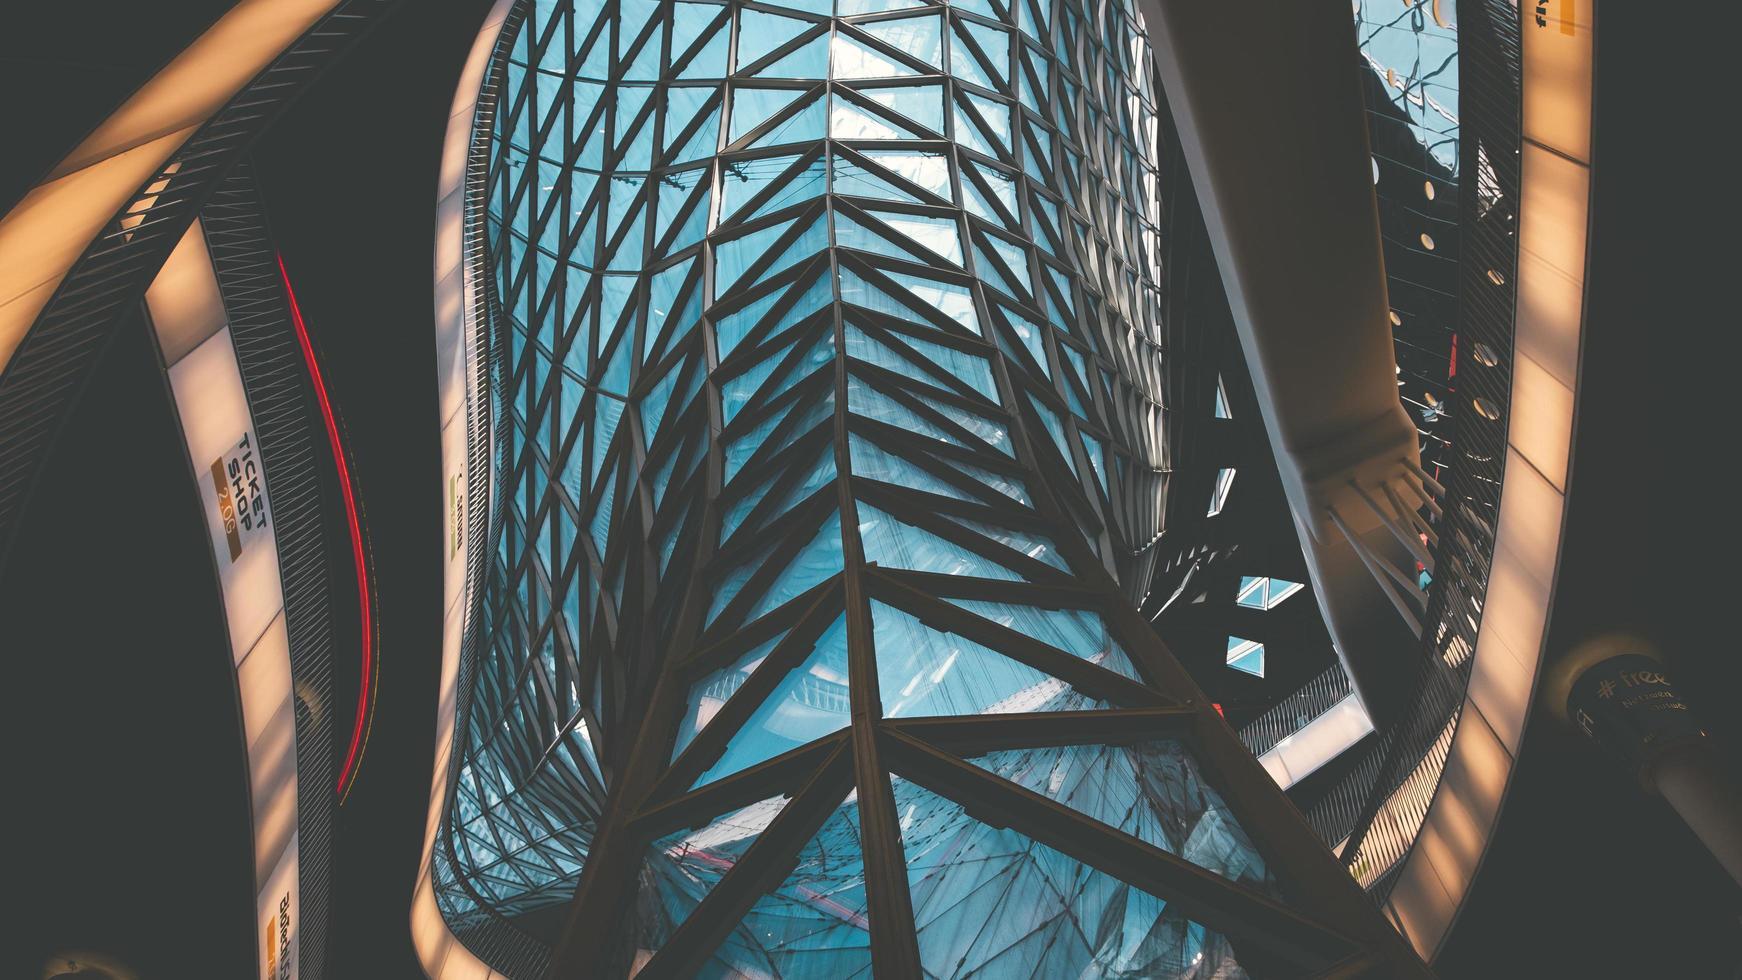 Frankfurt, Deutschland, 2020 - Blick auf eine moderne Glasdecke foto